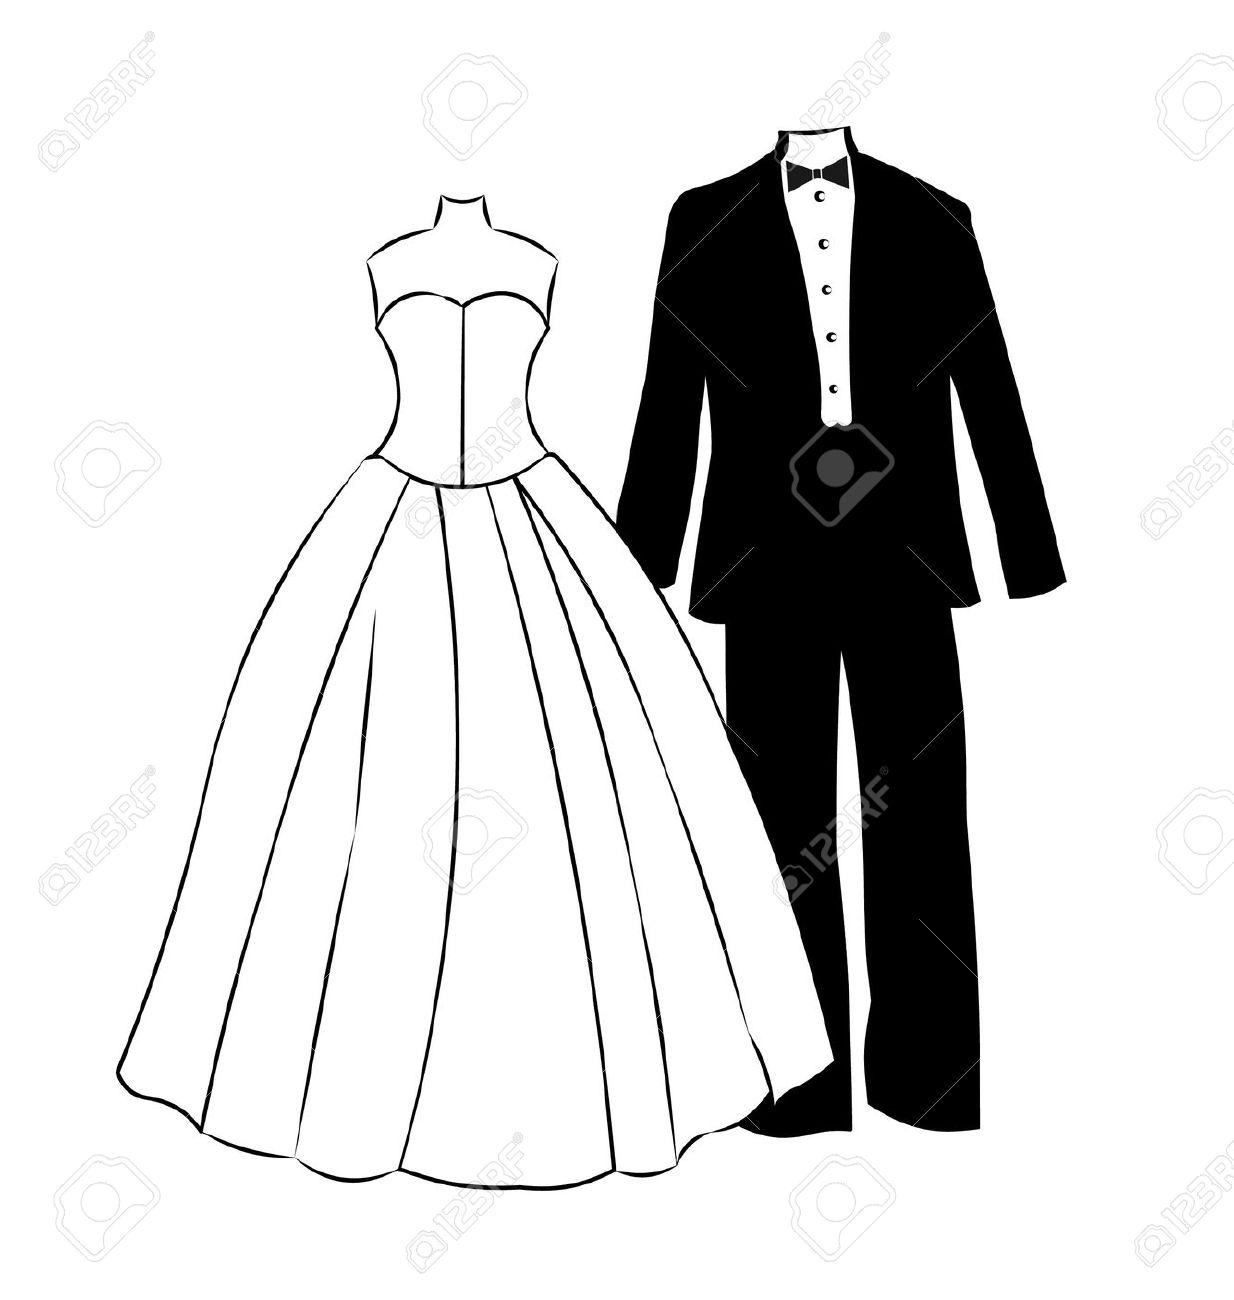 Wedding Gown Clip Art: Wedding Dress Clipart